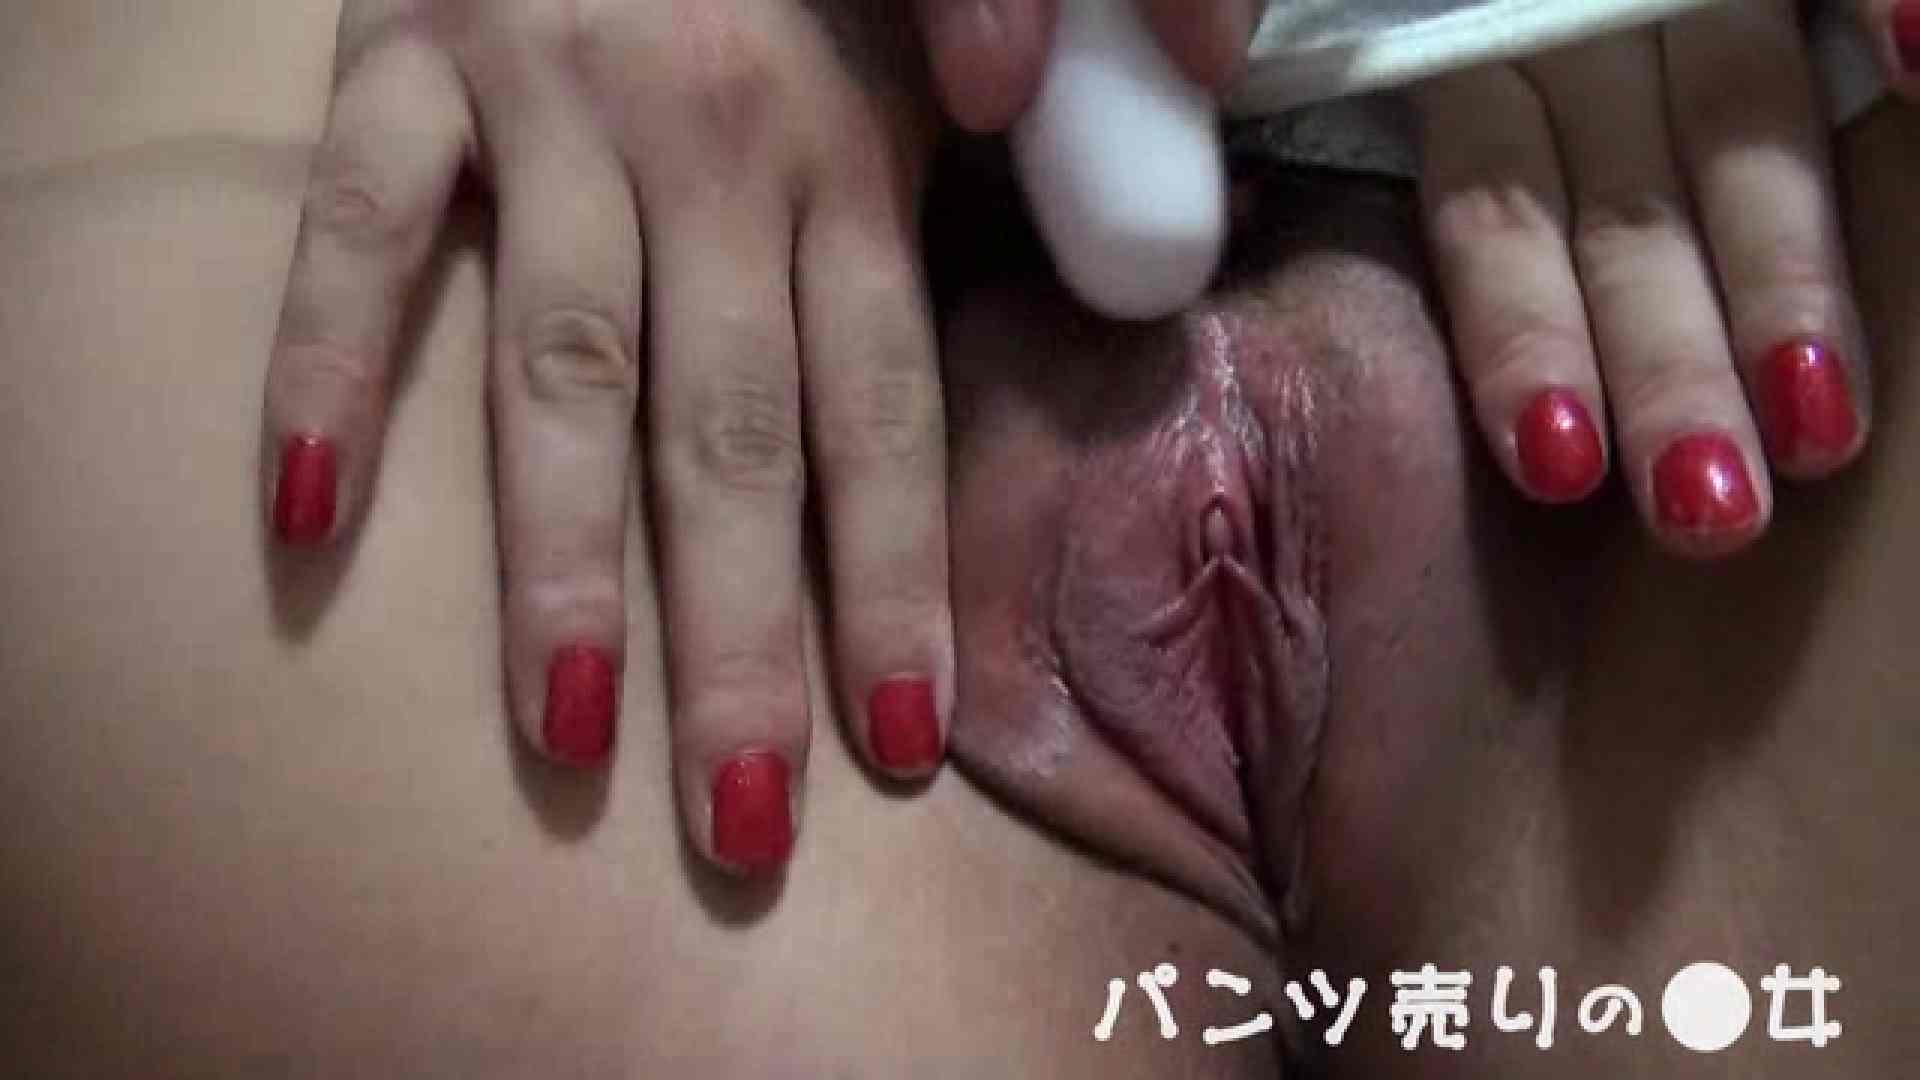 新説 パンツ売りの女の子mizuki02 一般投稿  76pic 74